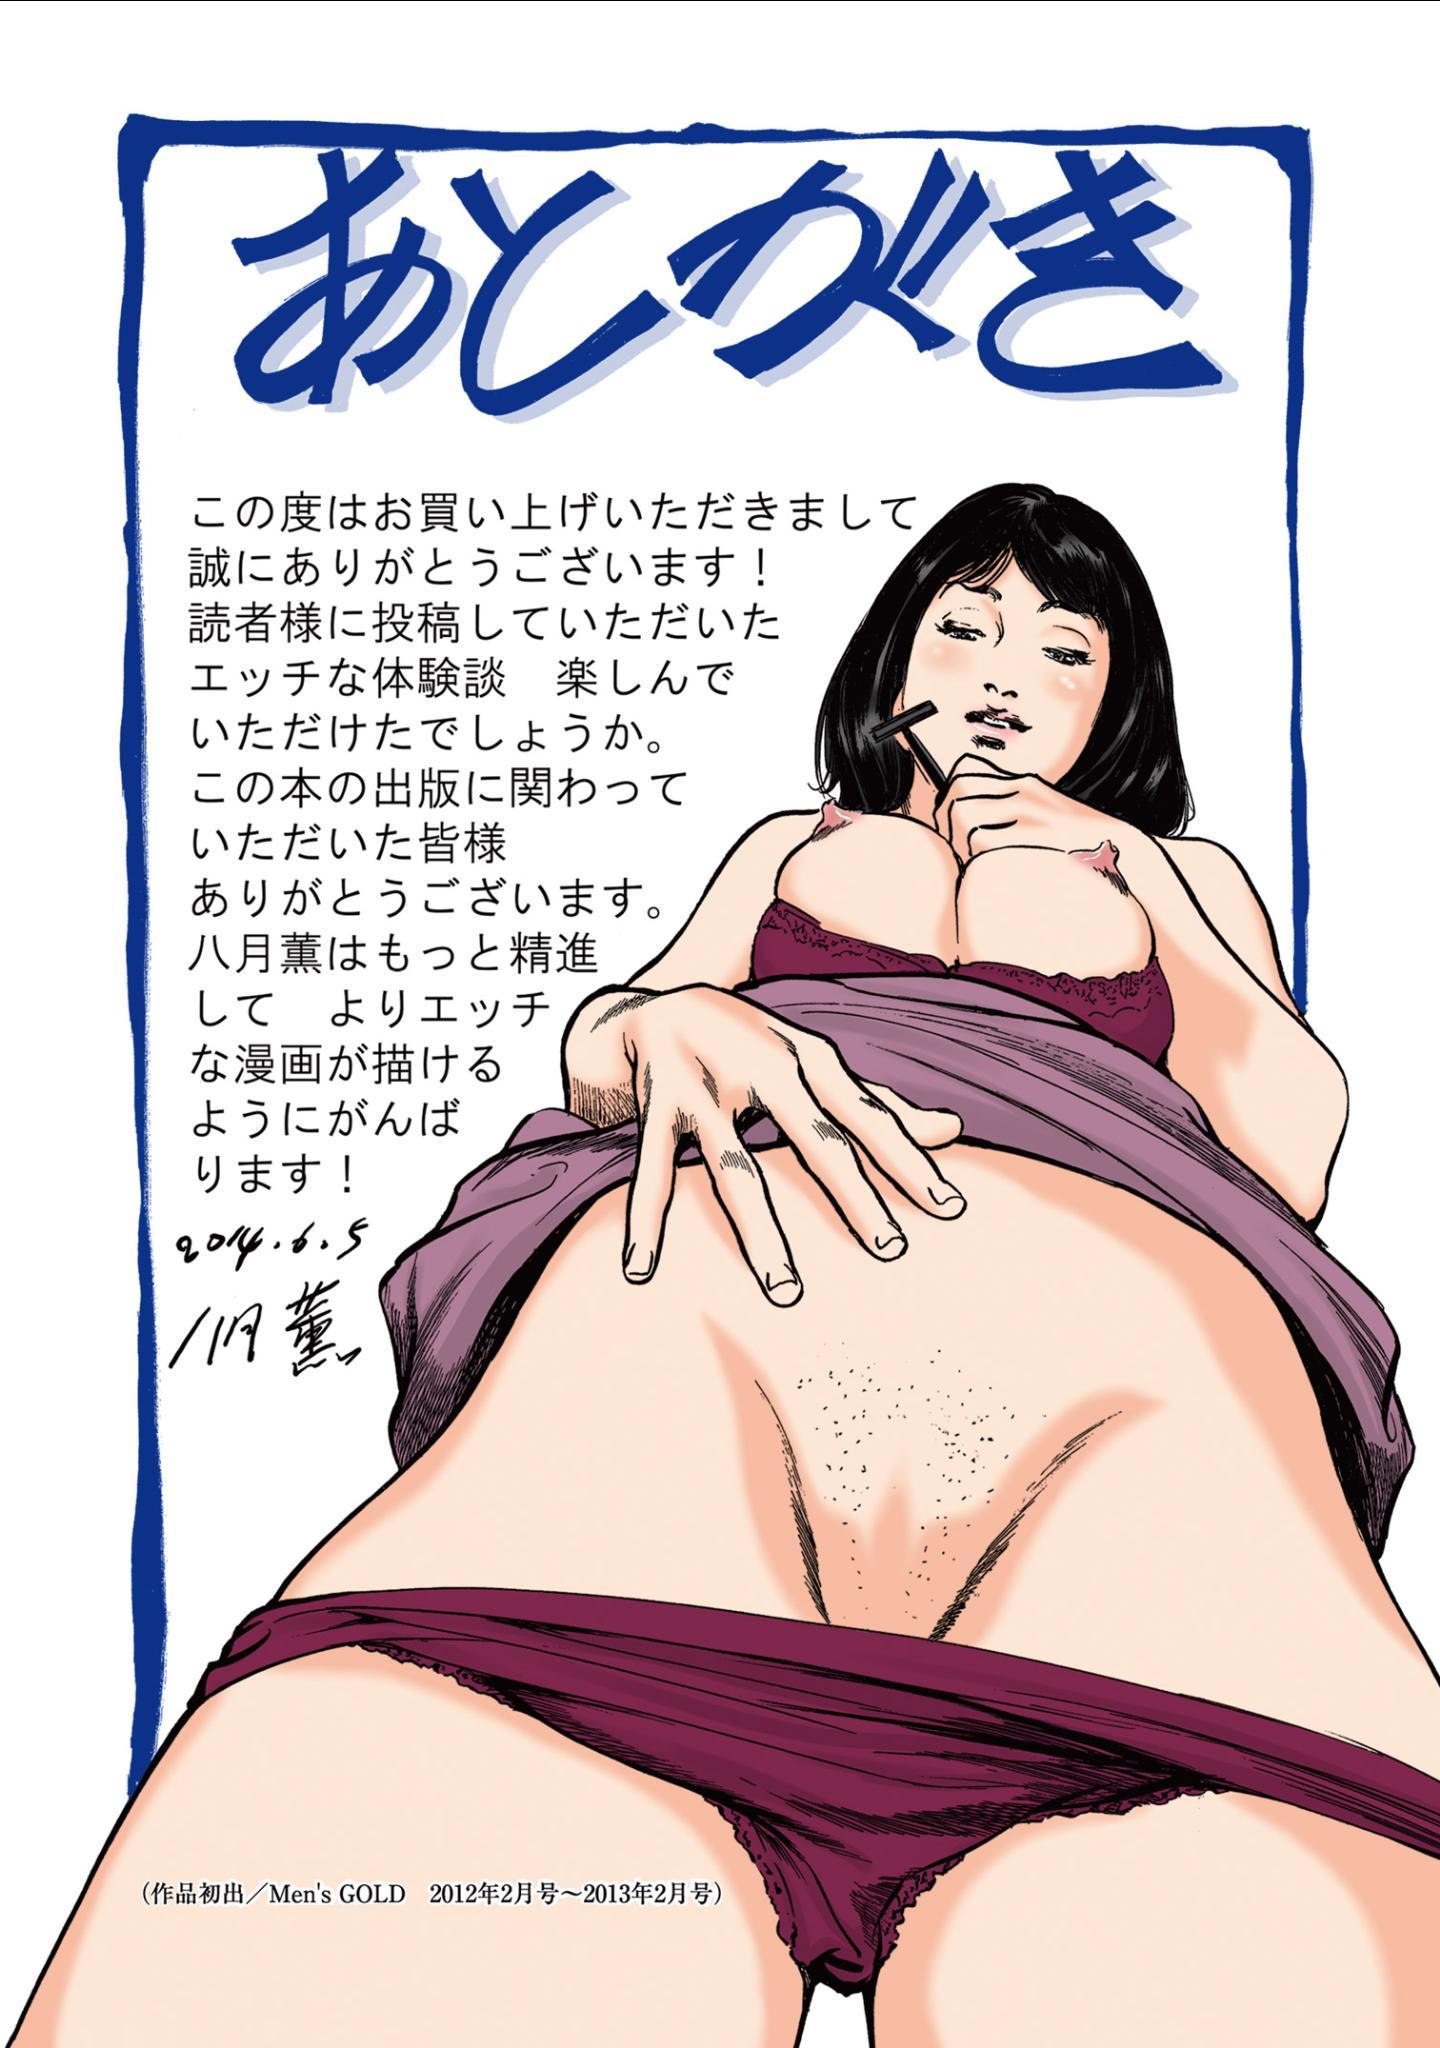 [Hazuki Kaoru] Hazuki Kaoru no Tamaranai Hanashi (Full Color Version) 1-2 100